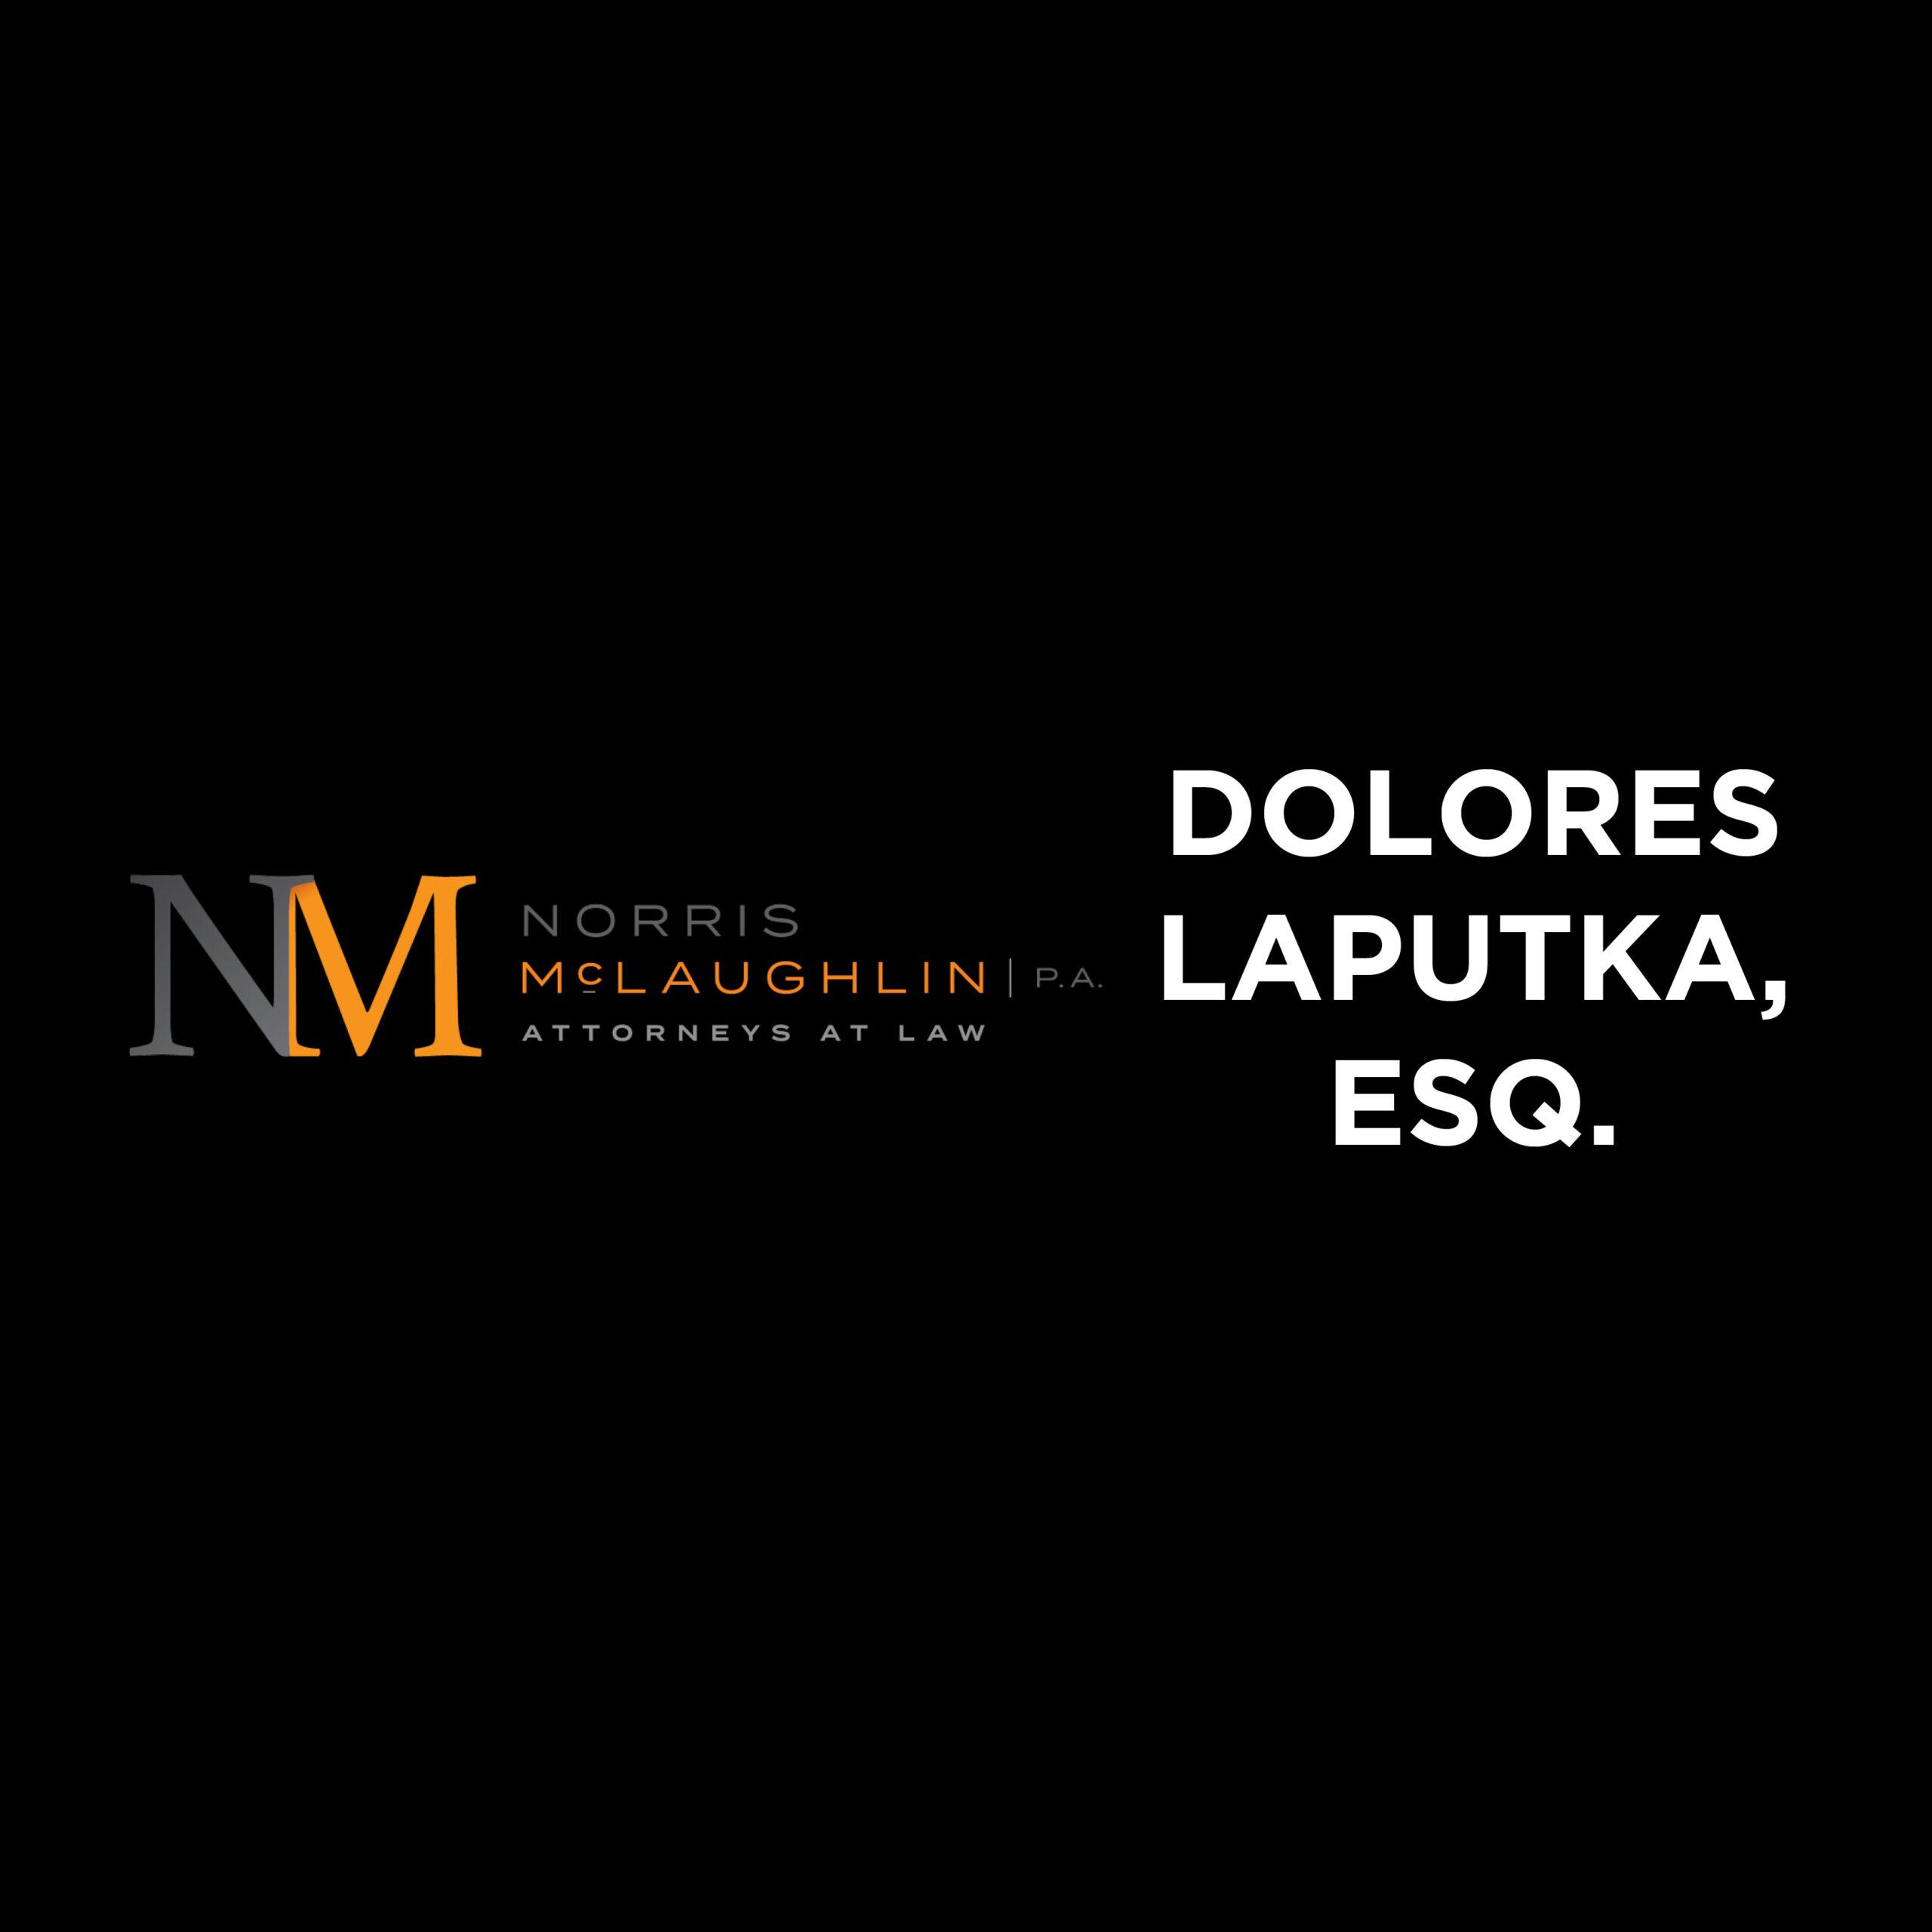 Norris-McLaughlin-P.A.-Dolores-Laputka